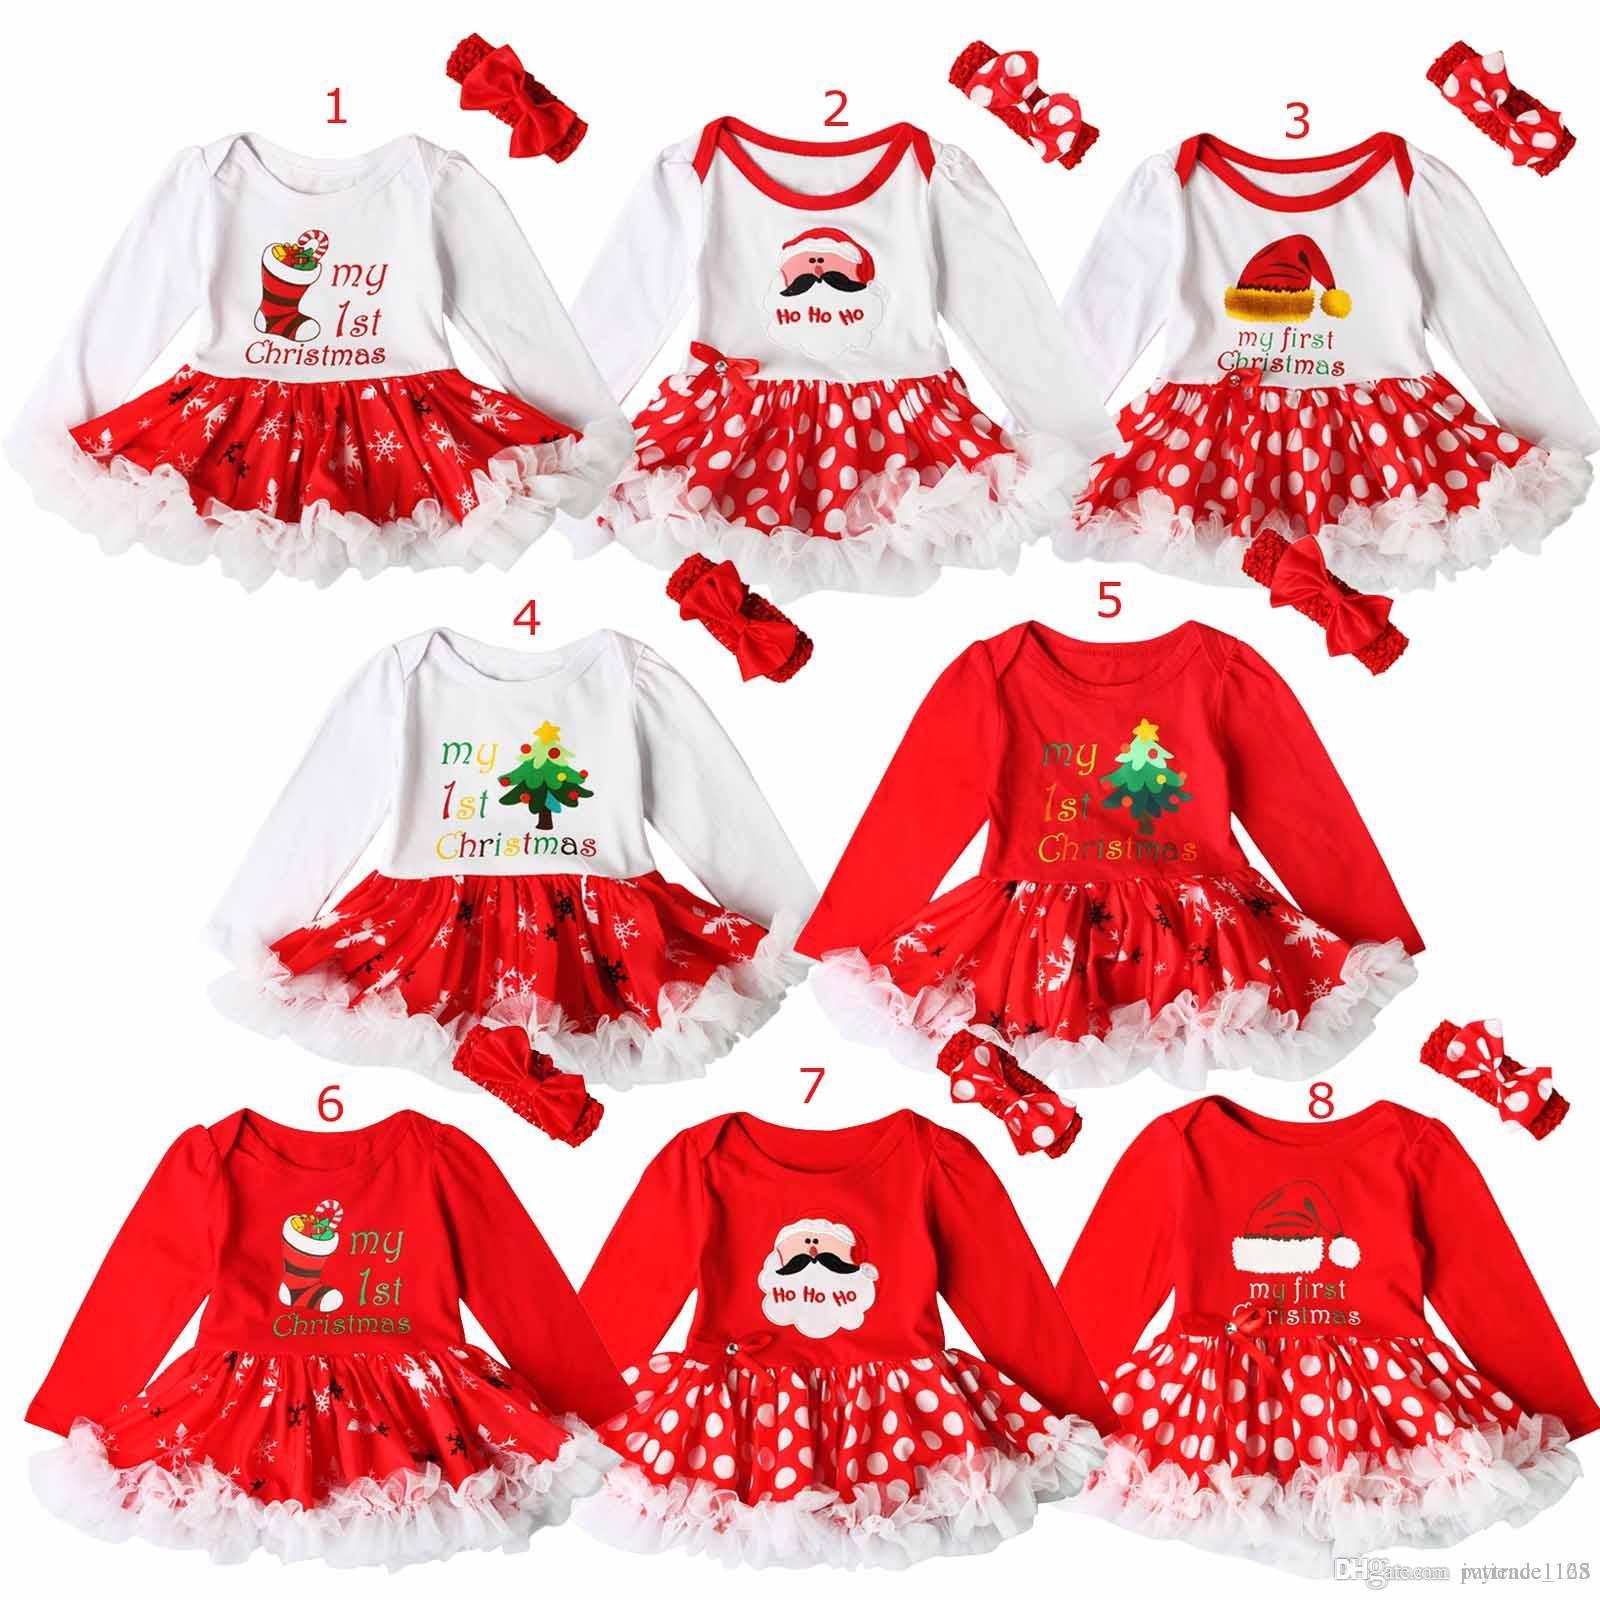 ГОРЯЧАЯ Рождественская Вечеринка Baby Girl Ромпер набор Рождество Санта-Клаус Загрузки Письмо печати Дизайн с длинным рукавом ползунки пачка платье + оголовье из двух частей наборы